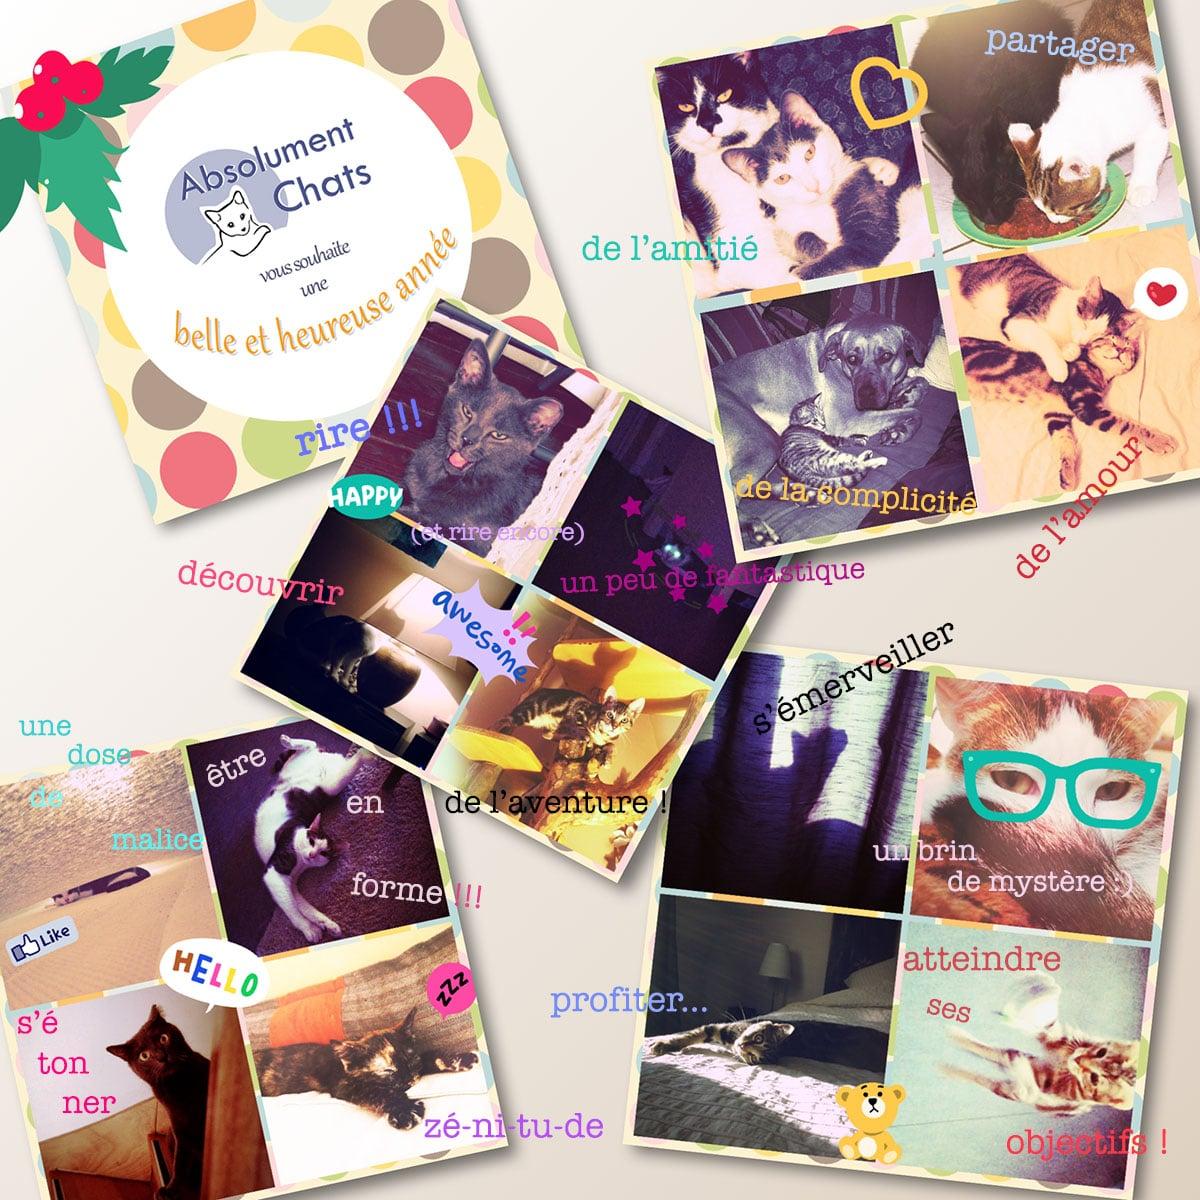 carte de voeux absolument chats